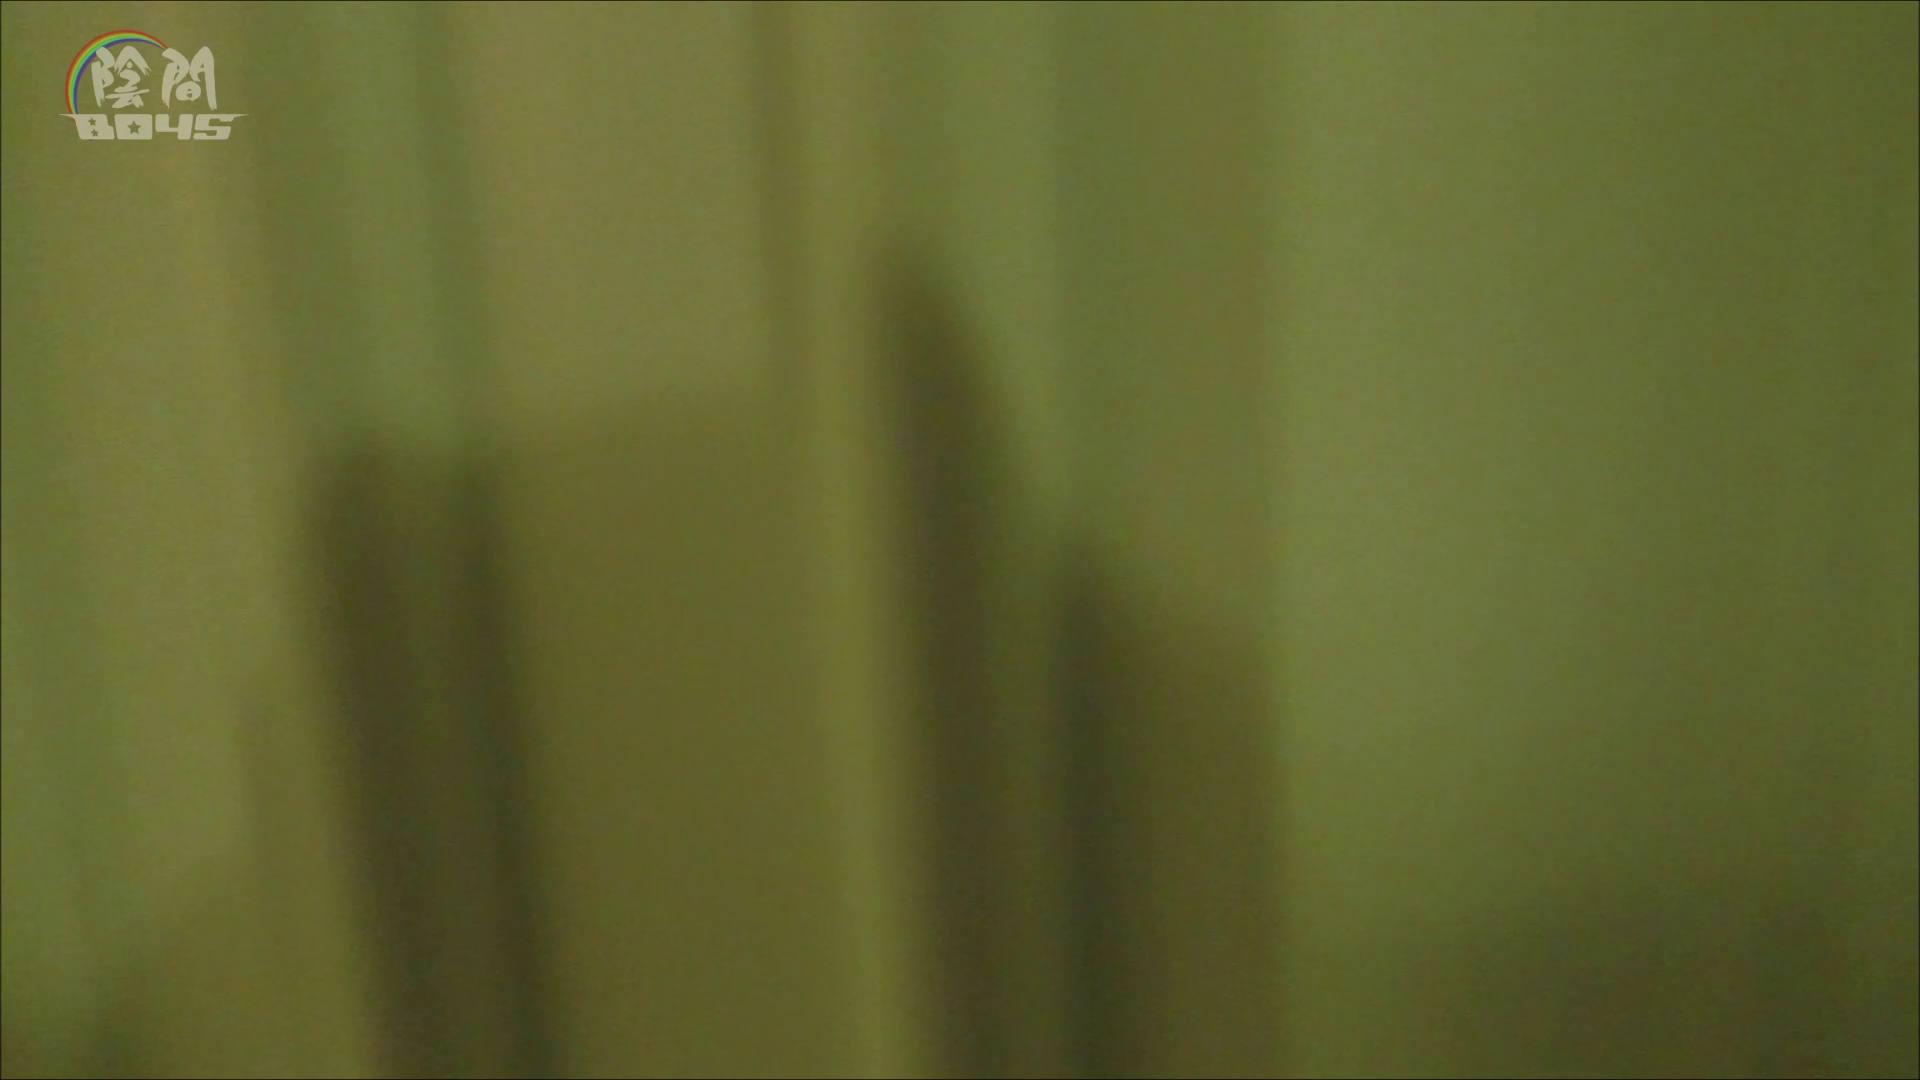 陰間BOYS~「アナルだけは許して…3」~06 ザーメン  111pic 16